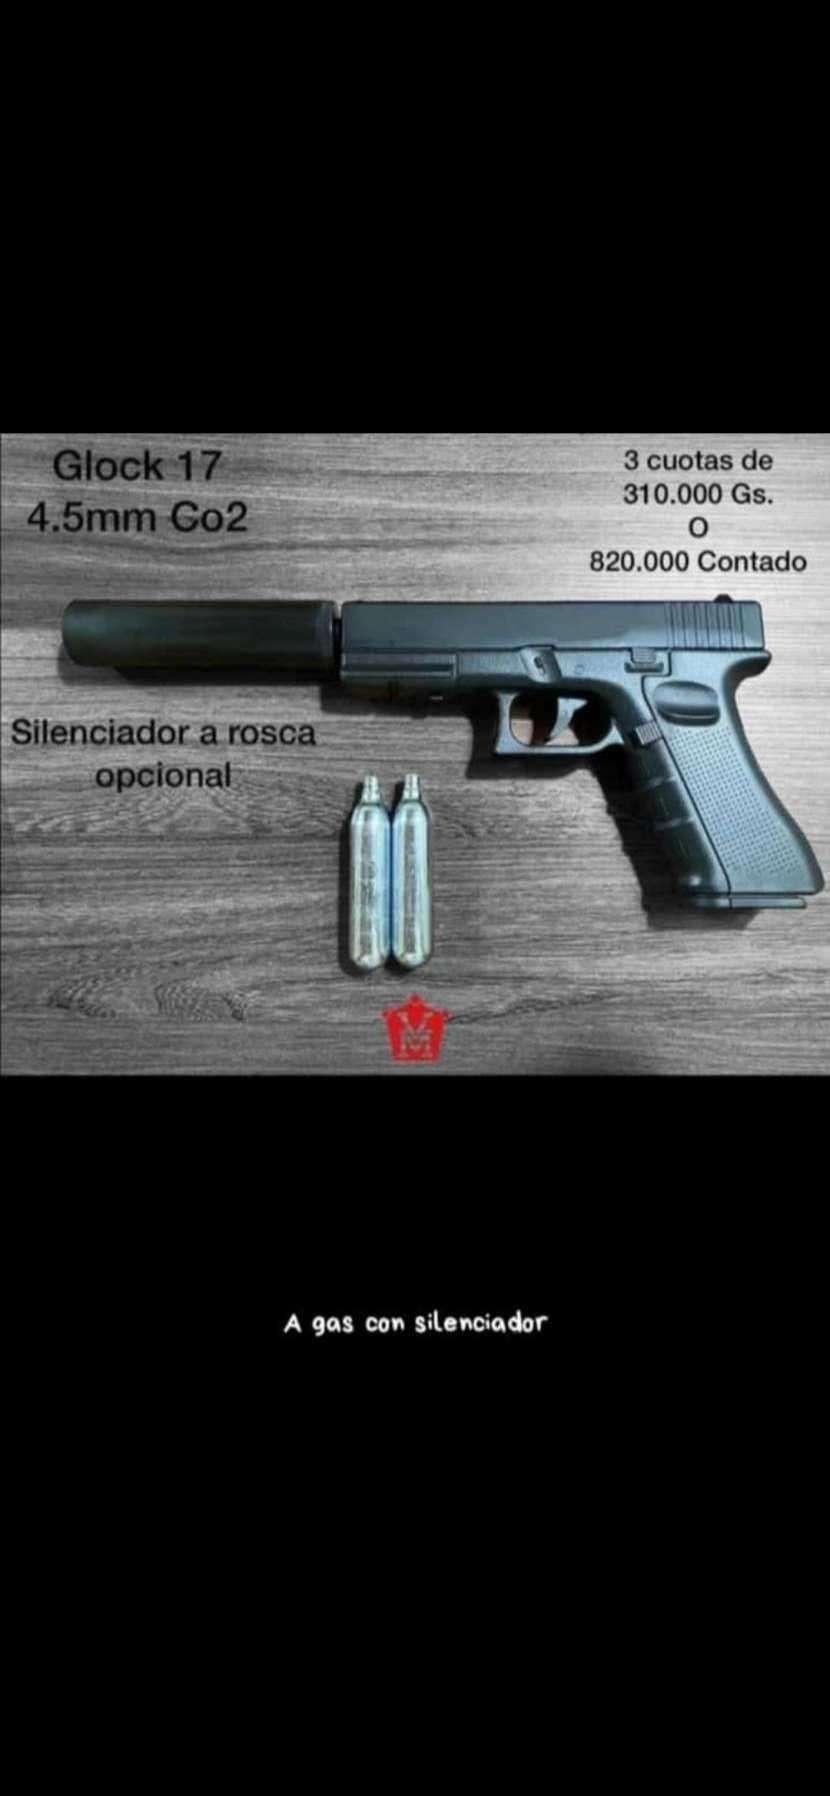 Pistola Glock 17 con silenciador - 0